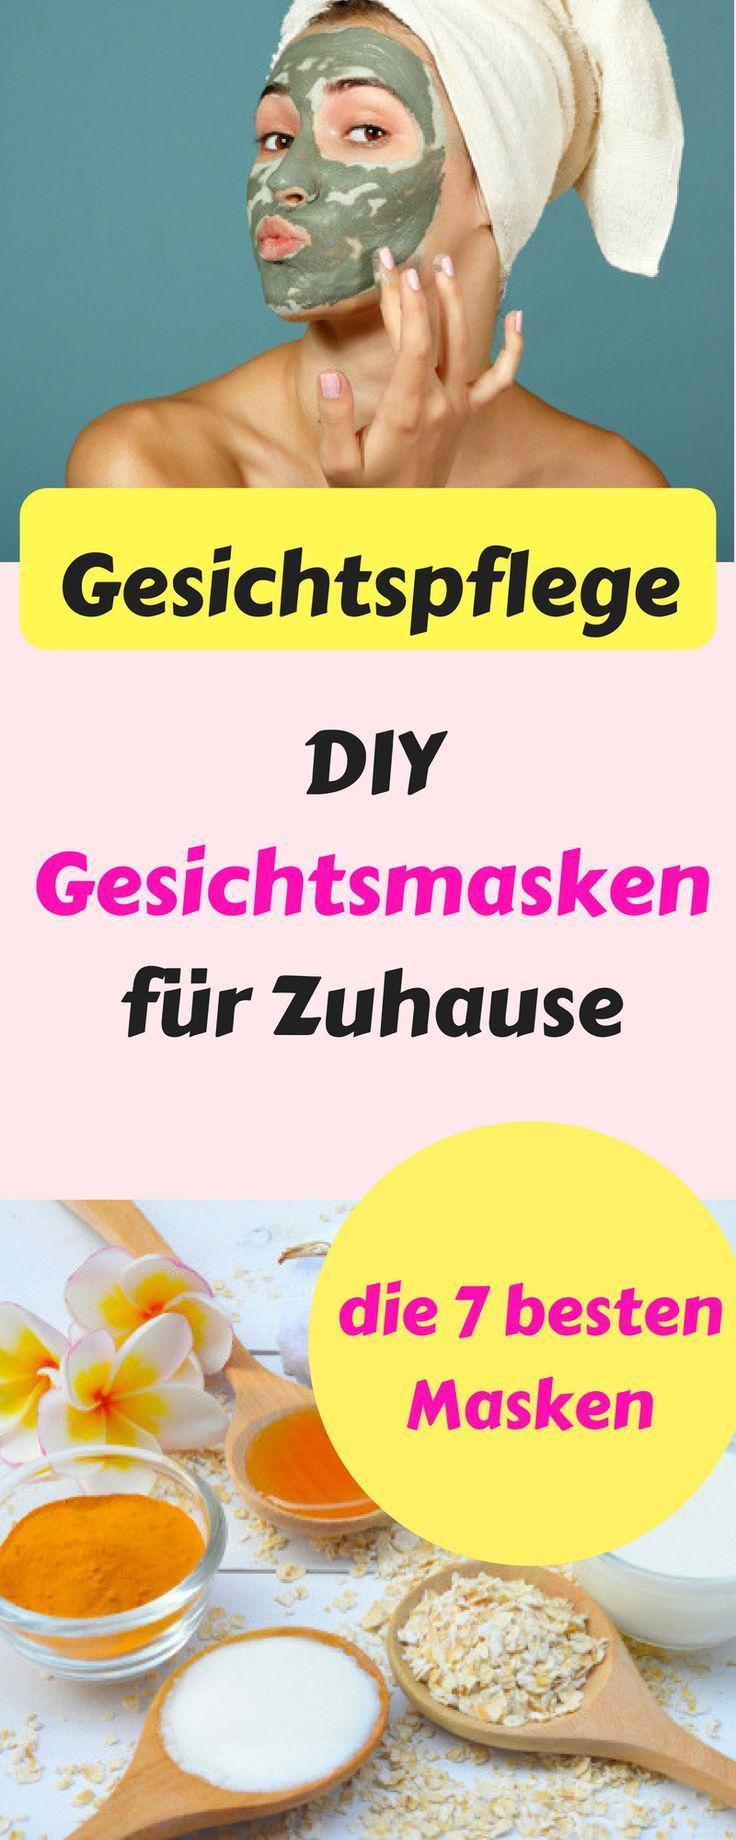 Gesichtsmaske selber machen Pickel, Gesichtsmaske selber machen gemacht, Ge … – Abnehme …  – Hautpflege-Rezepte